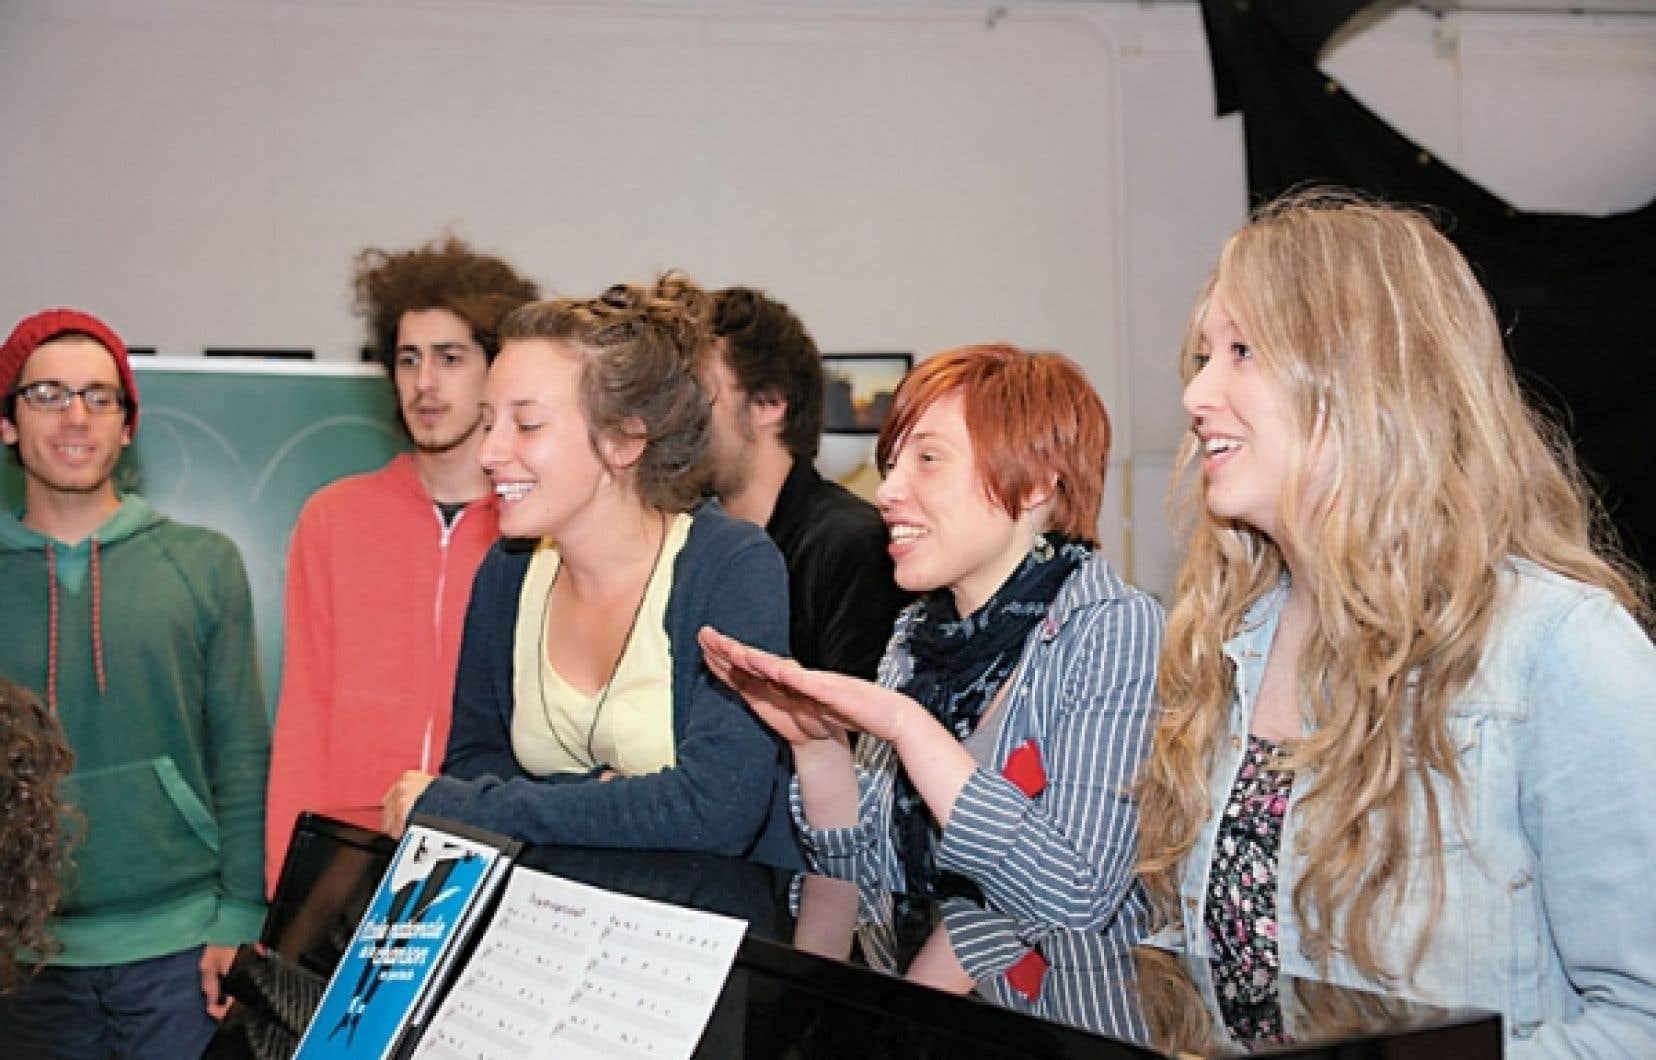 Quelques-uns des finissants de la classe 2012 de l'École nationale de la chanson, photographiés autour du piano dans leur grand local du cégep de Granby Haute-Yamaska.